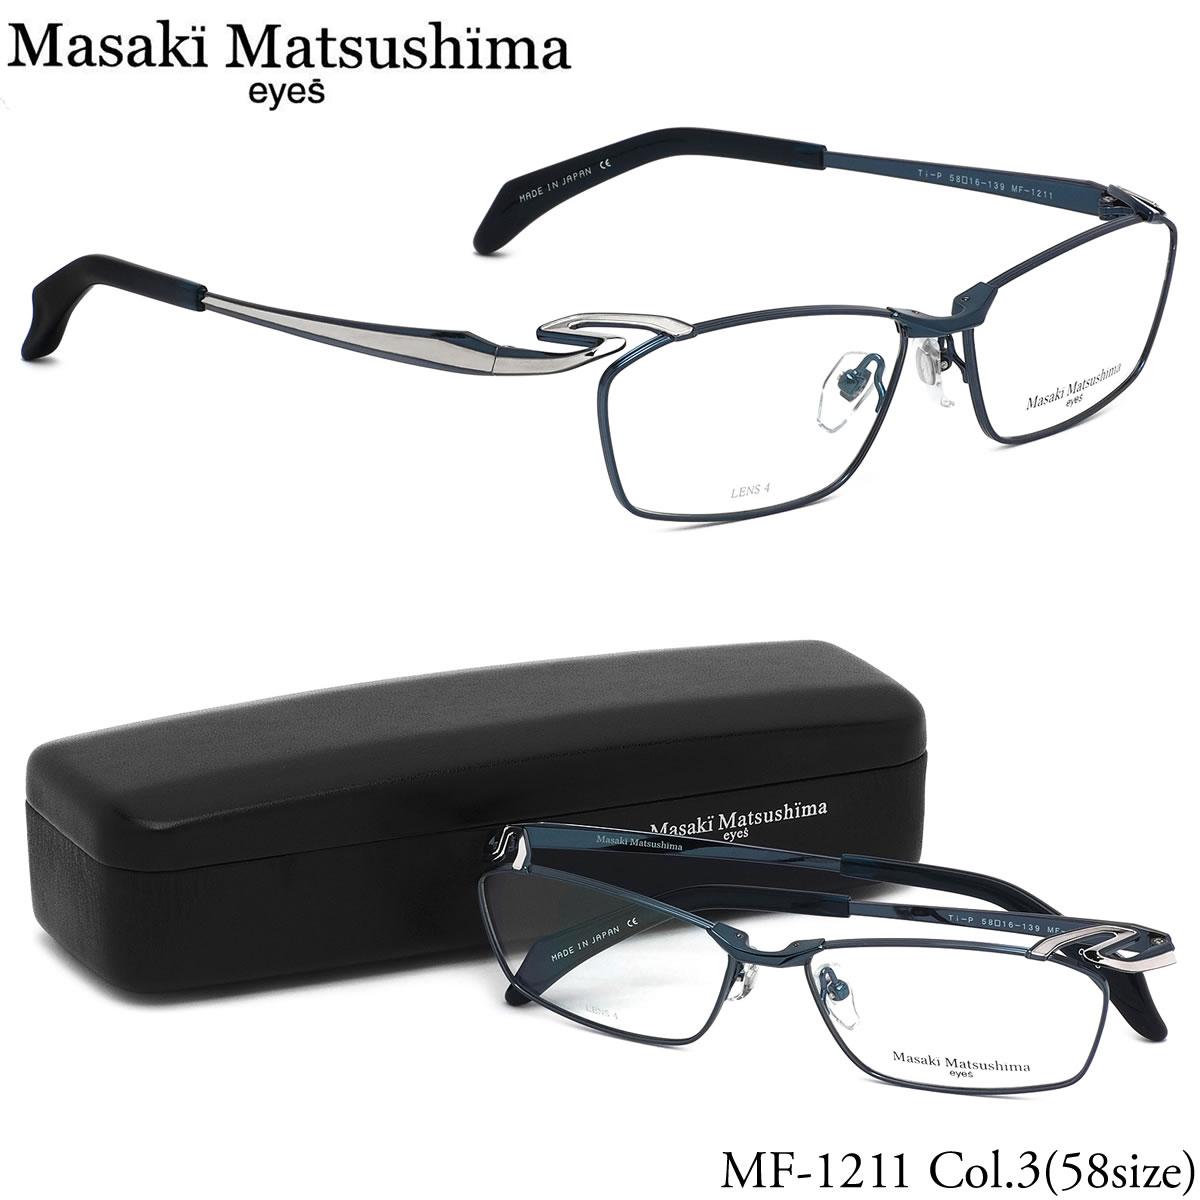 ほぼ全品ポイント15倍~最大43倍+3倍!お得なクーポンも! マサキマツシマ Masaki Matsushima メガネMF-1211 3 58サイズMF1211 スクエア 日本製 チタン Titanium チタニウム シャープ ビジネスマサキマツシマ MasakiMatsushima メンズ レディース